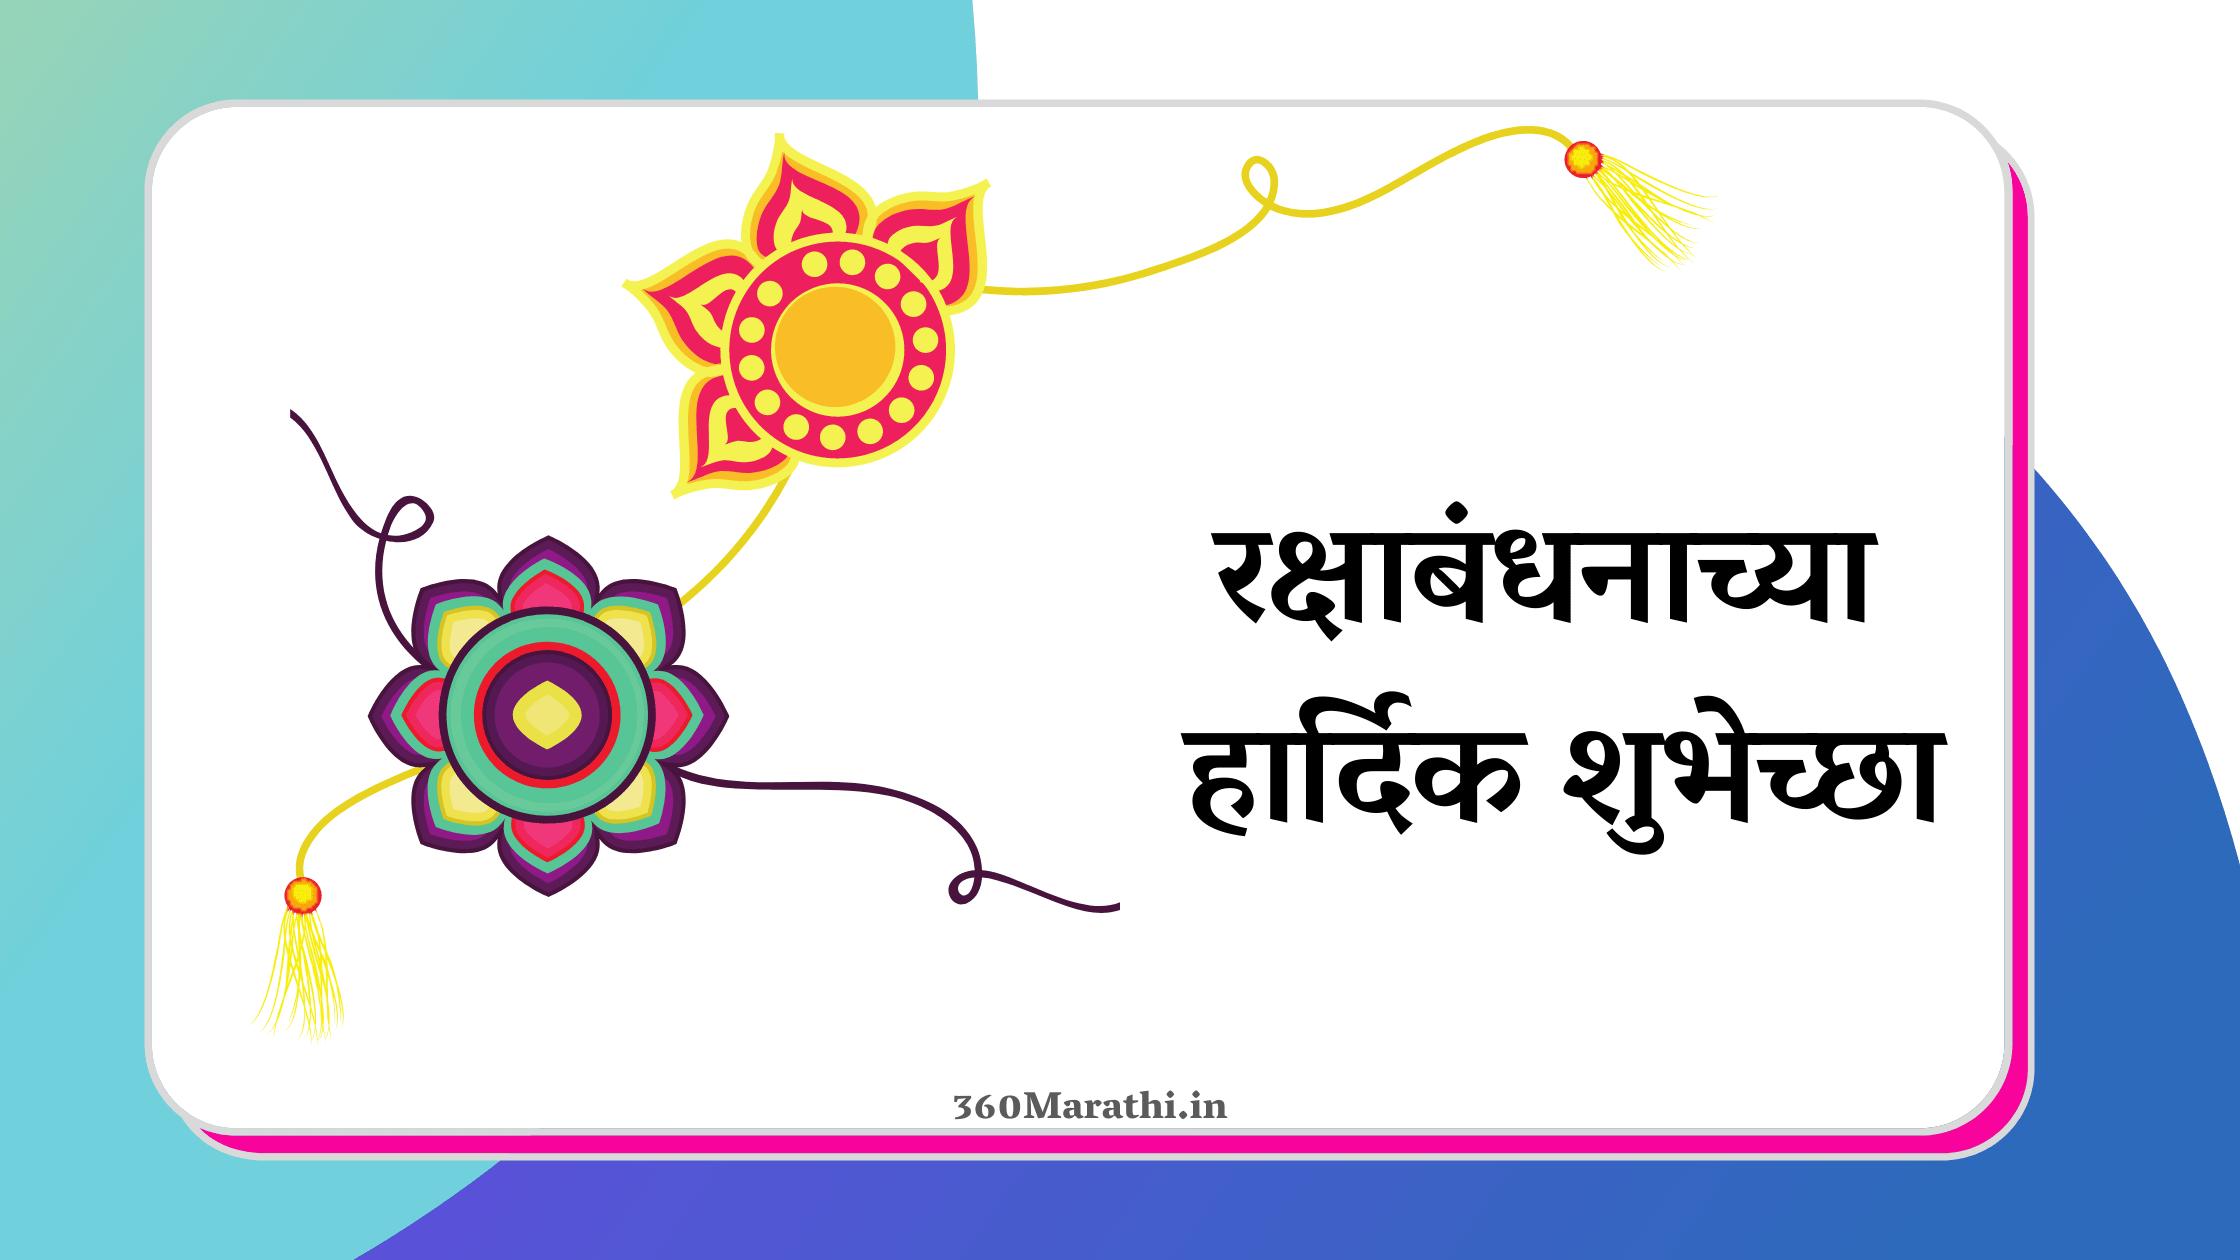 रक्षाबंधनाच्या हार्दिक शुभेच्छा | Raksha Bandhan Marathi Status Wishes Quotes SMS Shayari Images